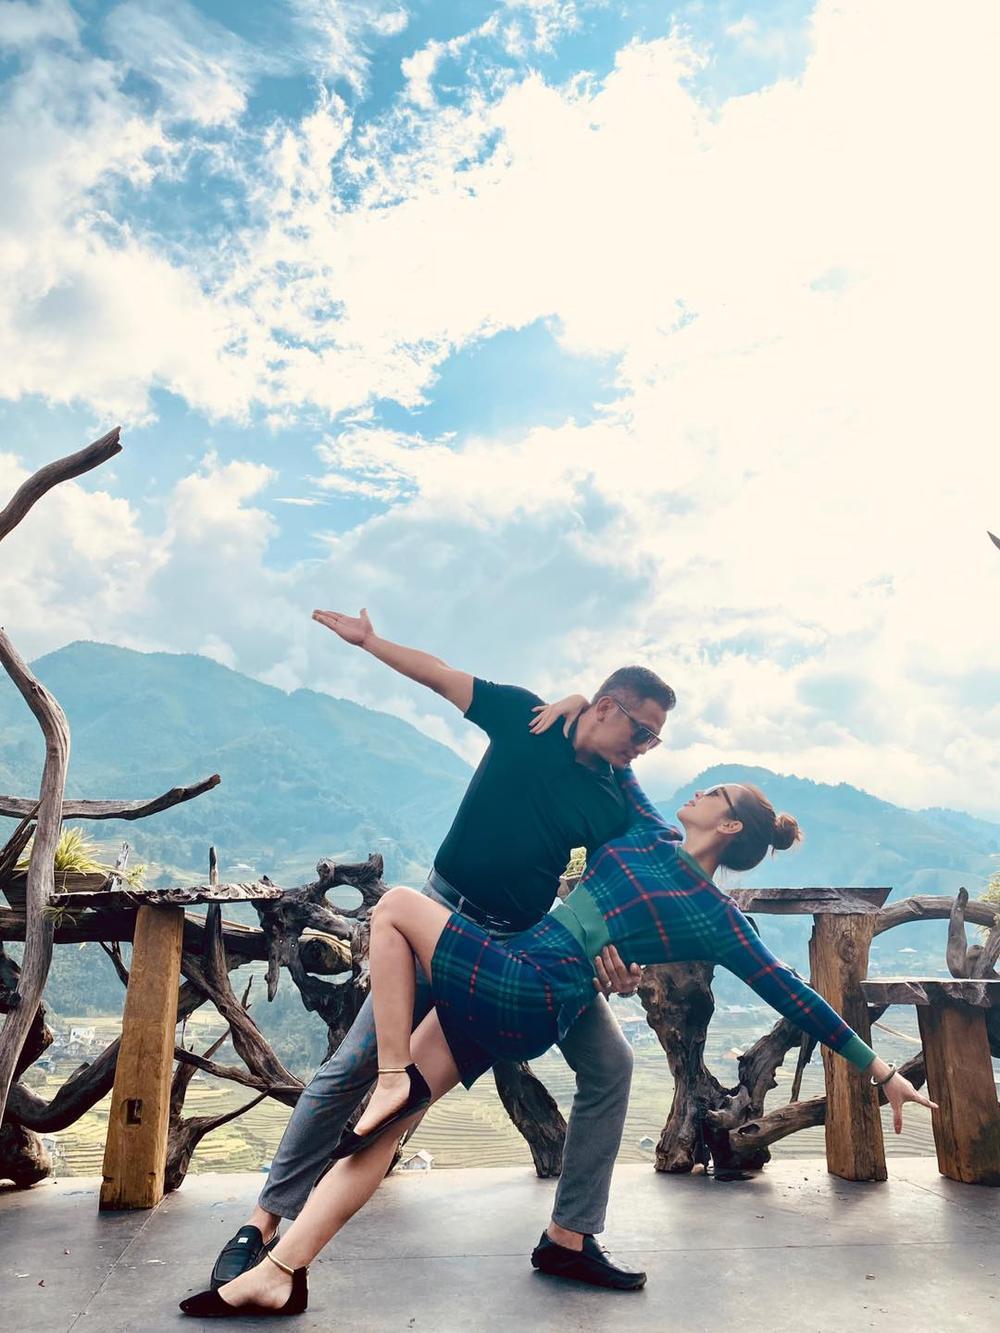 Vợ chồng hoa hậu Jennifer Phạm say đắm 'khiêu vũ' giữa đất trời Sapa Ảnh 1